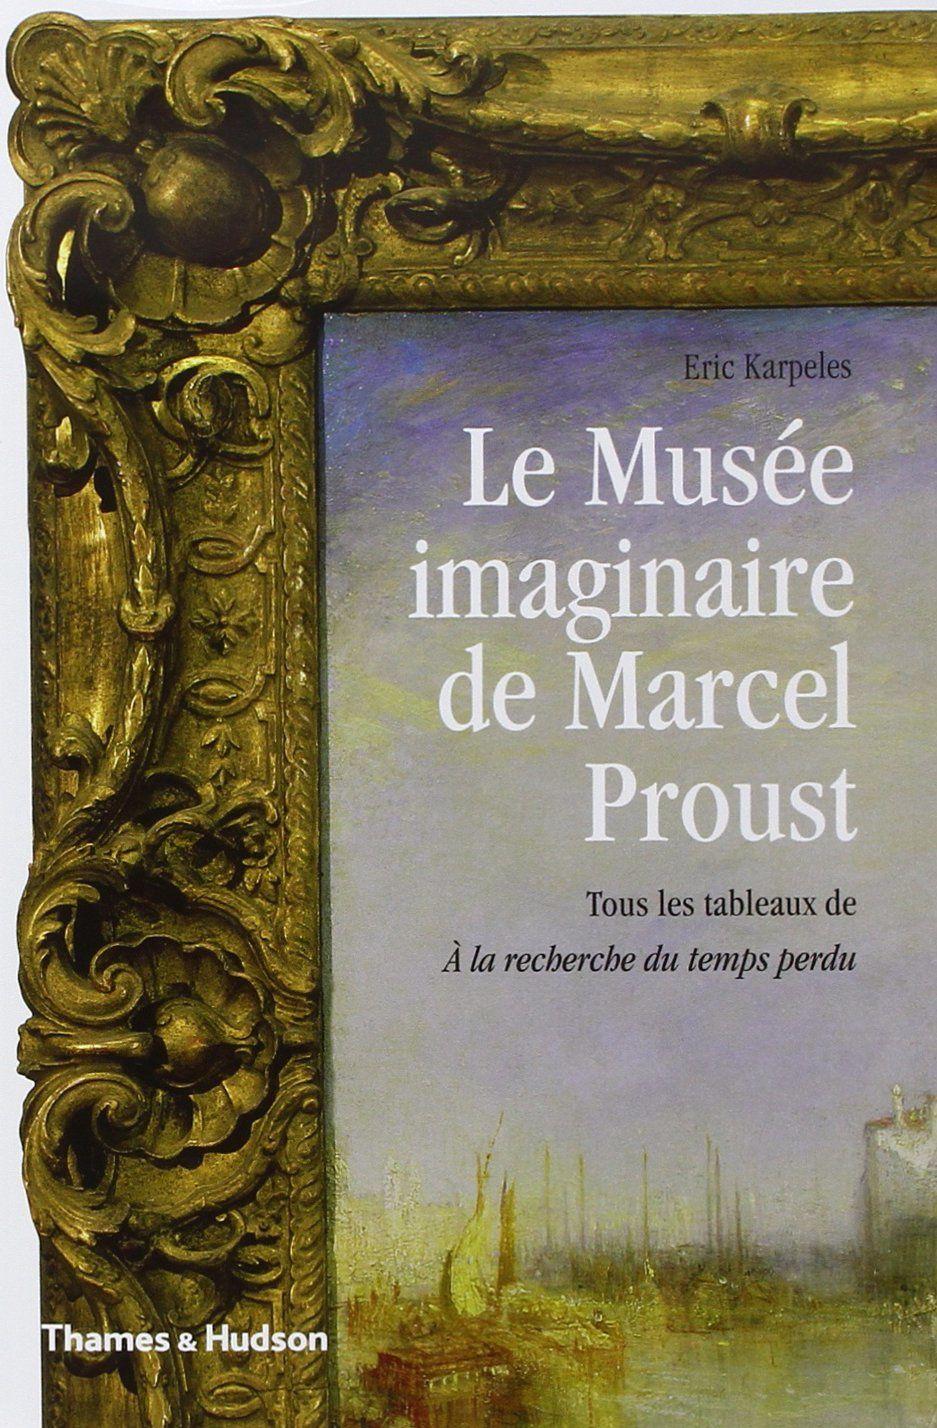 Le musée imaginaire de Marcel Proust (Thames & Hudson)